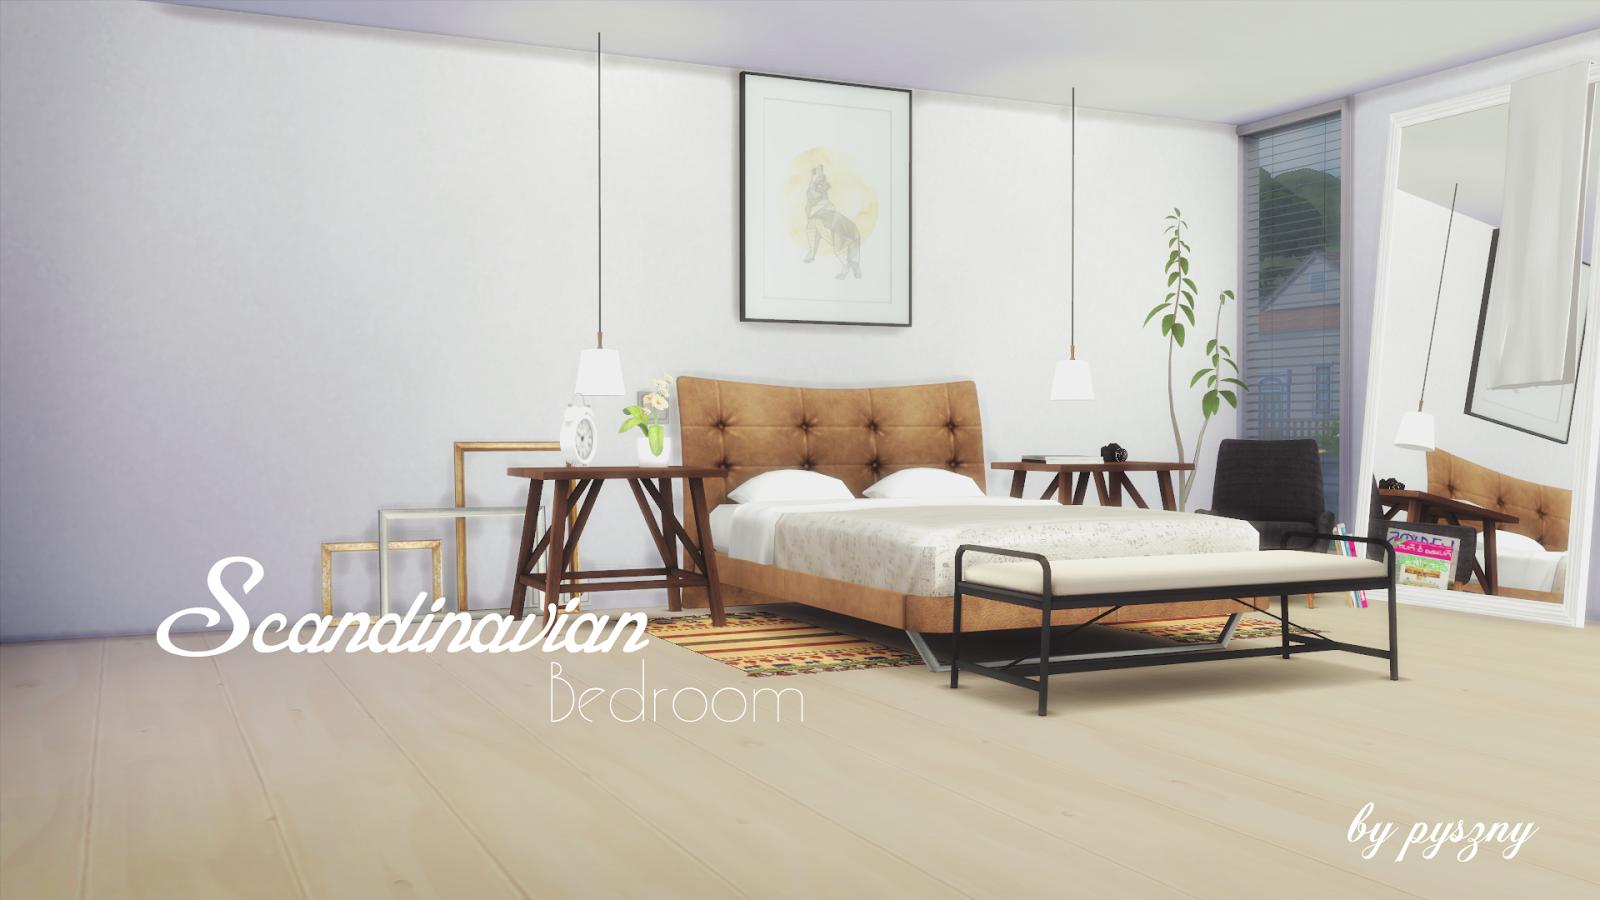 Scandinavian Bedroom - New Set! *UPDATED*